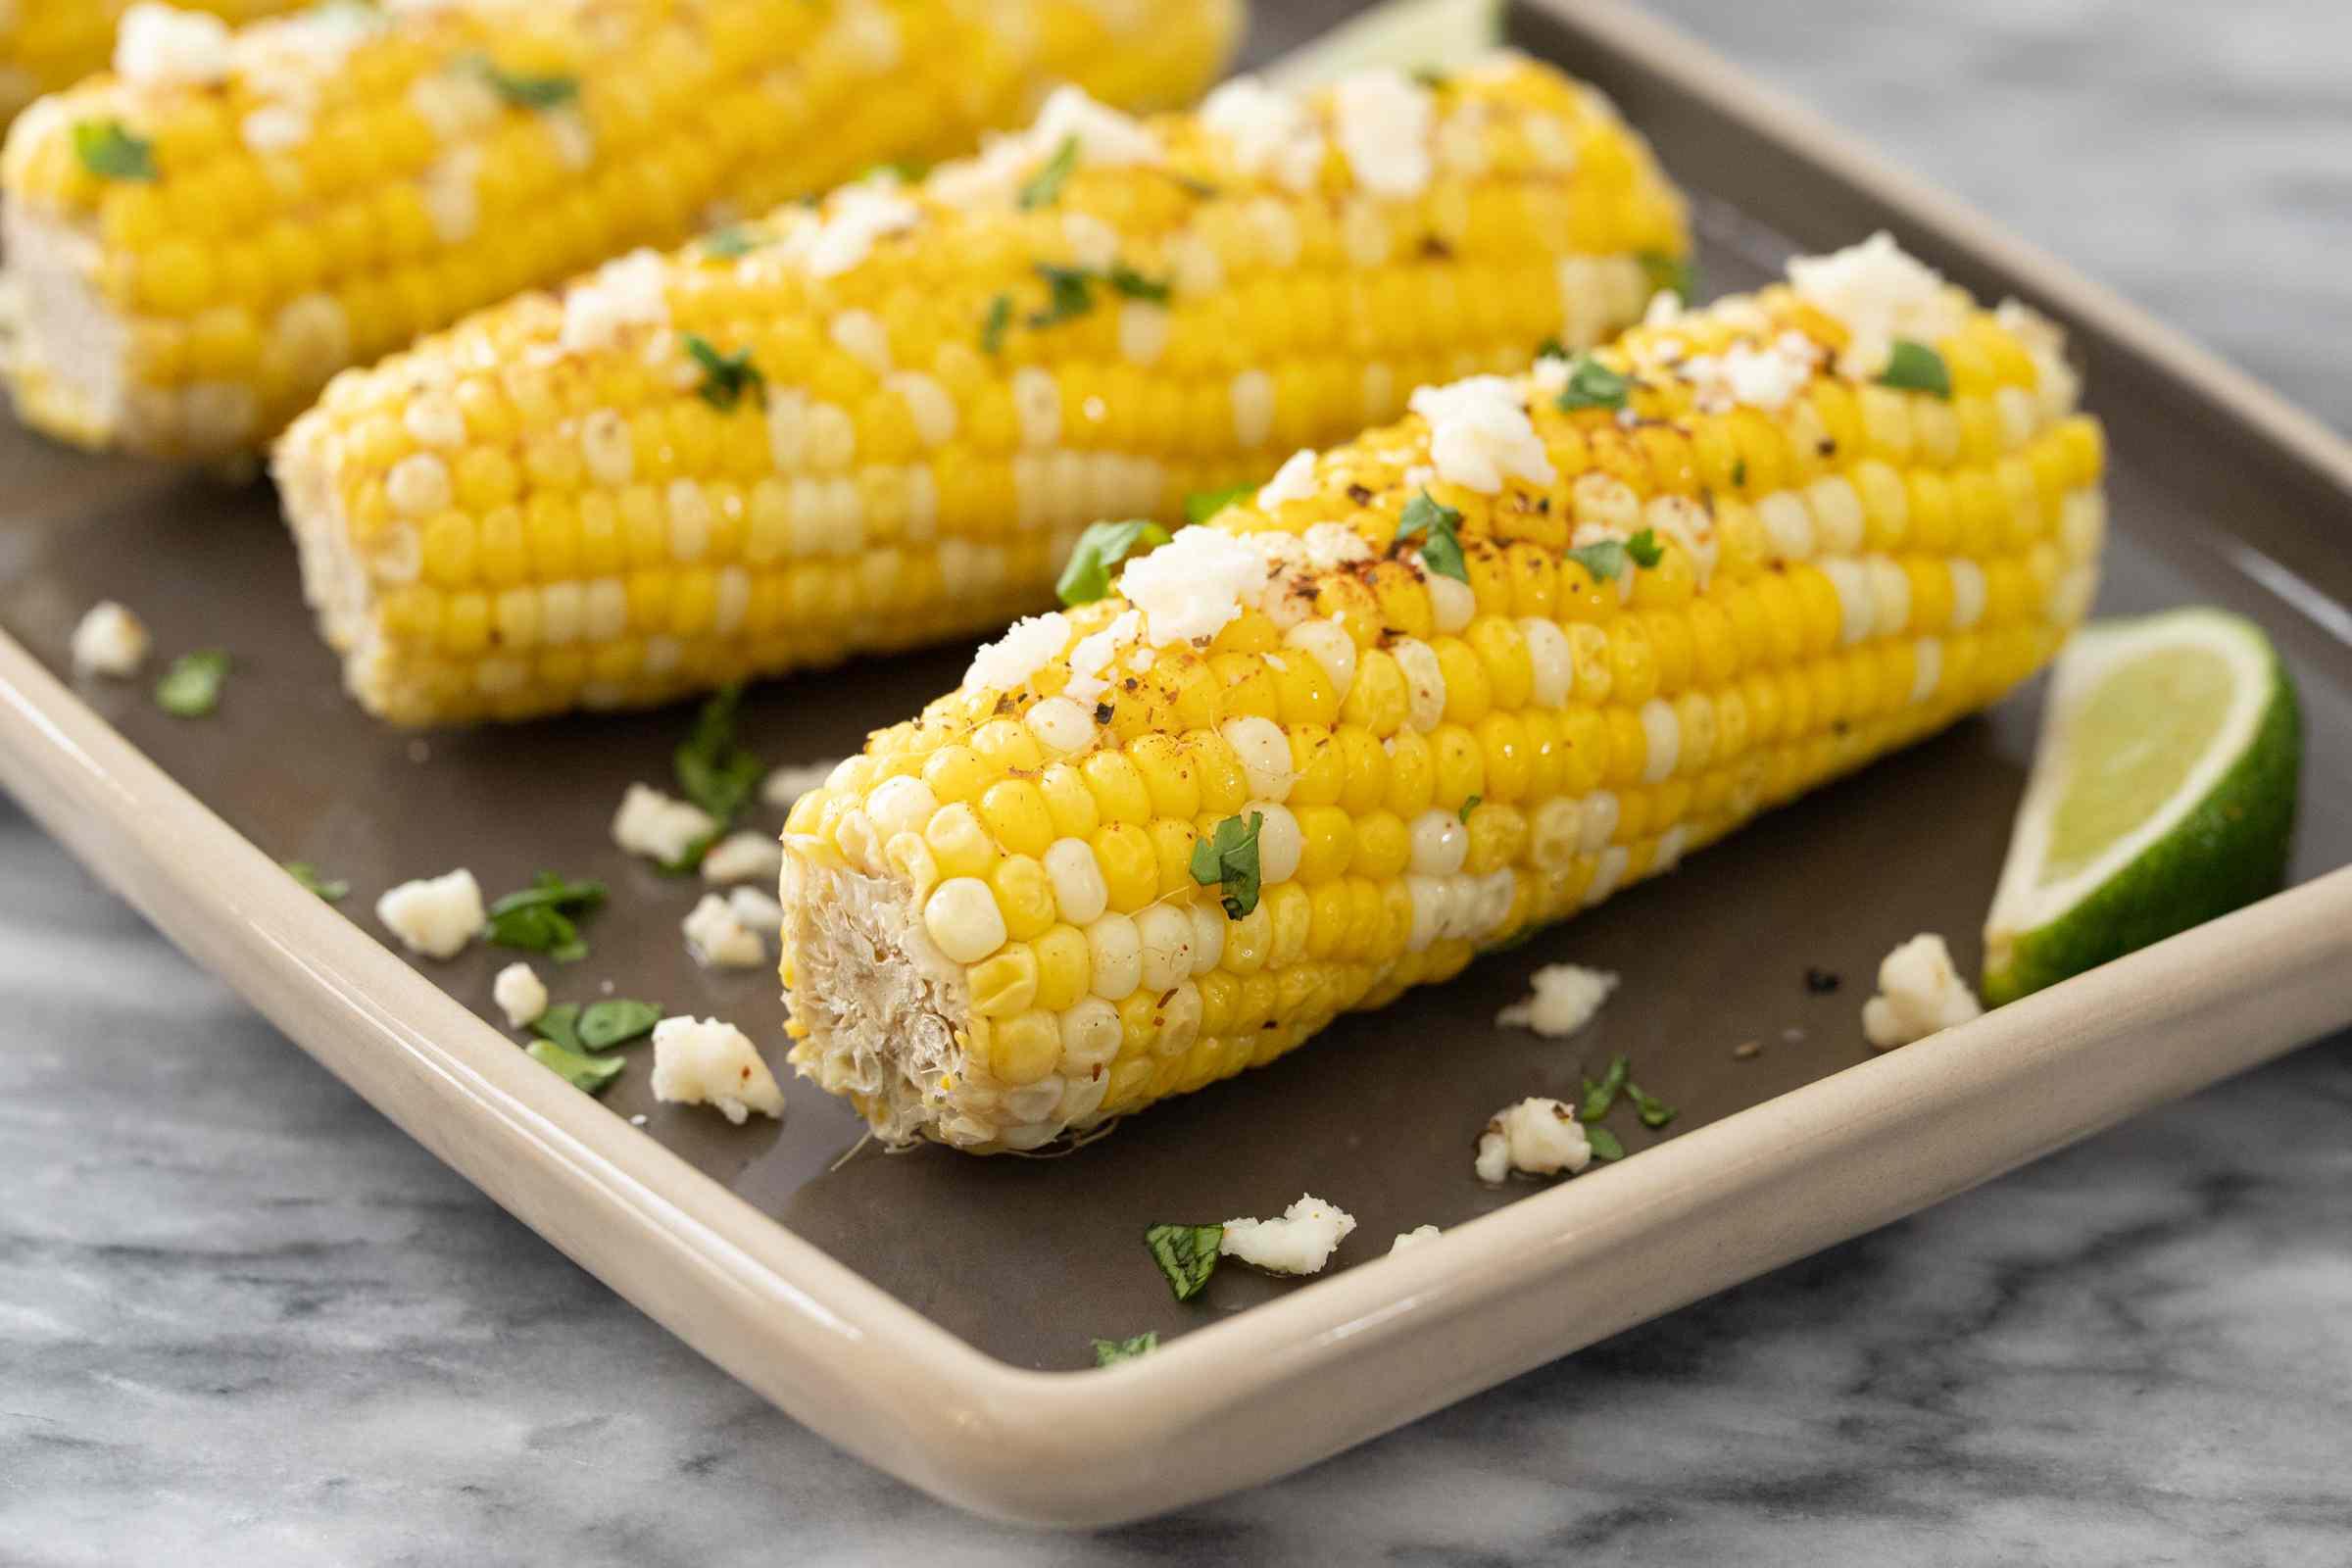 Closeup of Instant Pot corn on the cob.